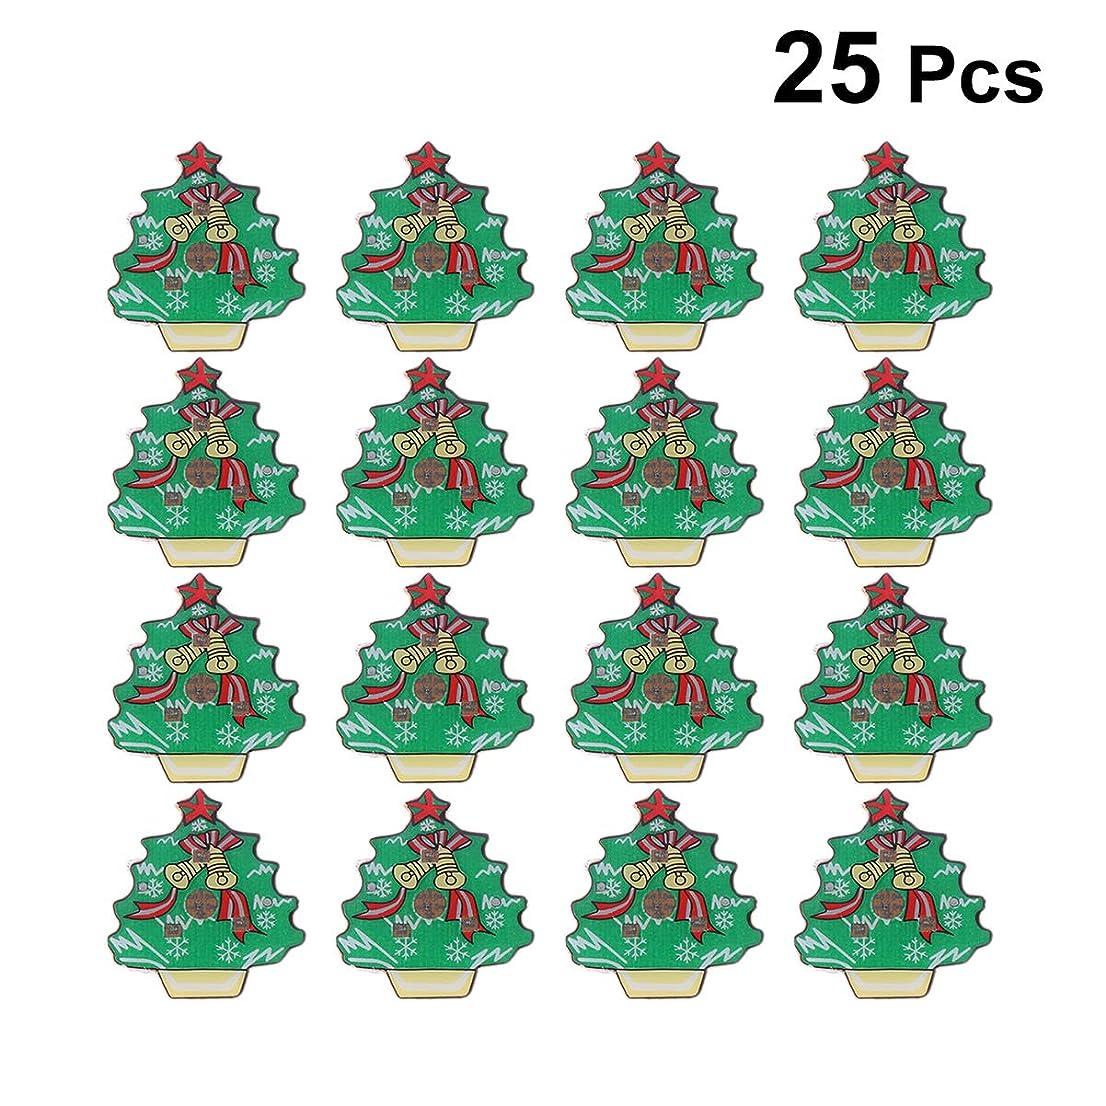 驚かす巻き取りピラミッドLEDMOMO LED ブローチ 光る キラキラ クリエイティブ 絶妙 ジュエリー ギフト 輝く バッジ シャツ用 ルミナス エナメルピン バックパック 服 鈴のクリスマスツリー 25Pc